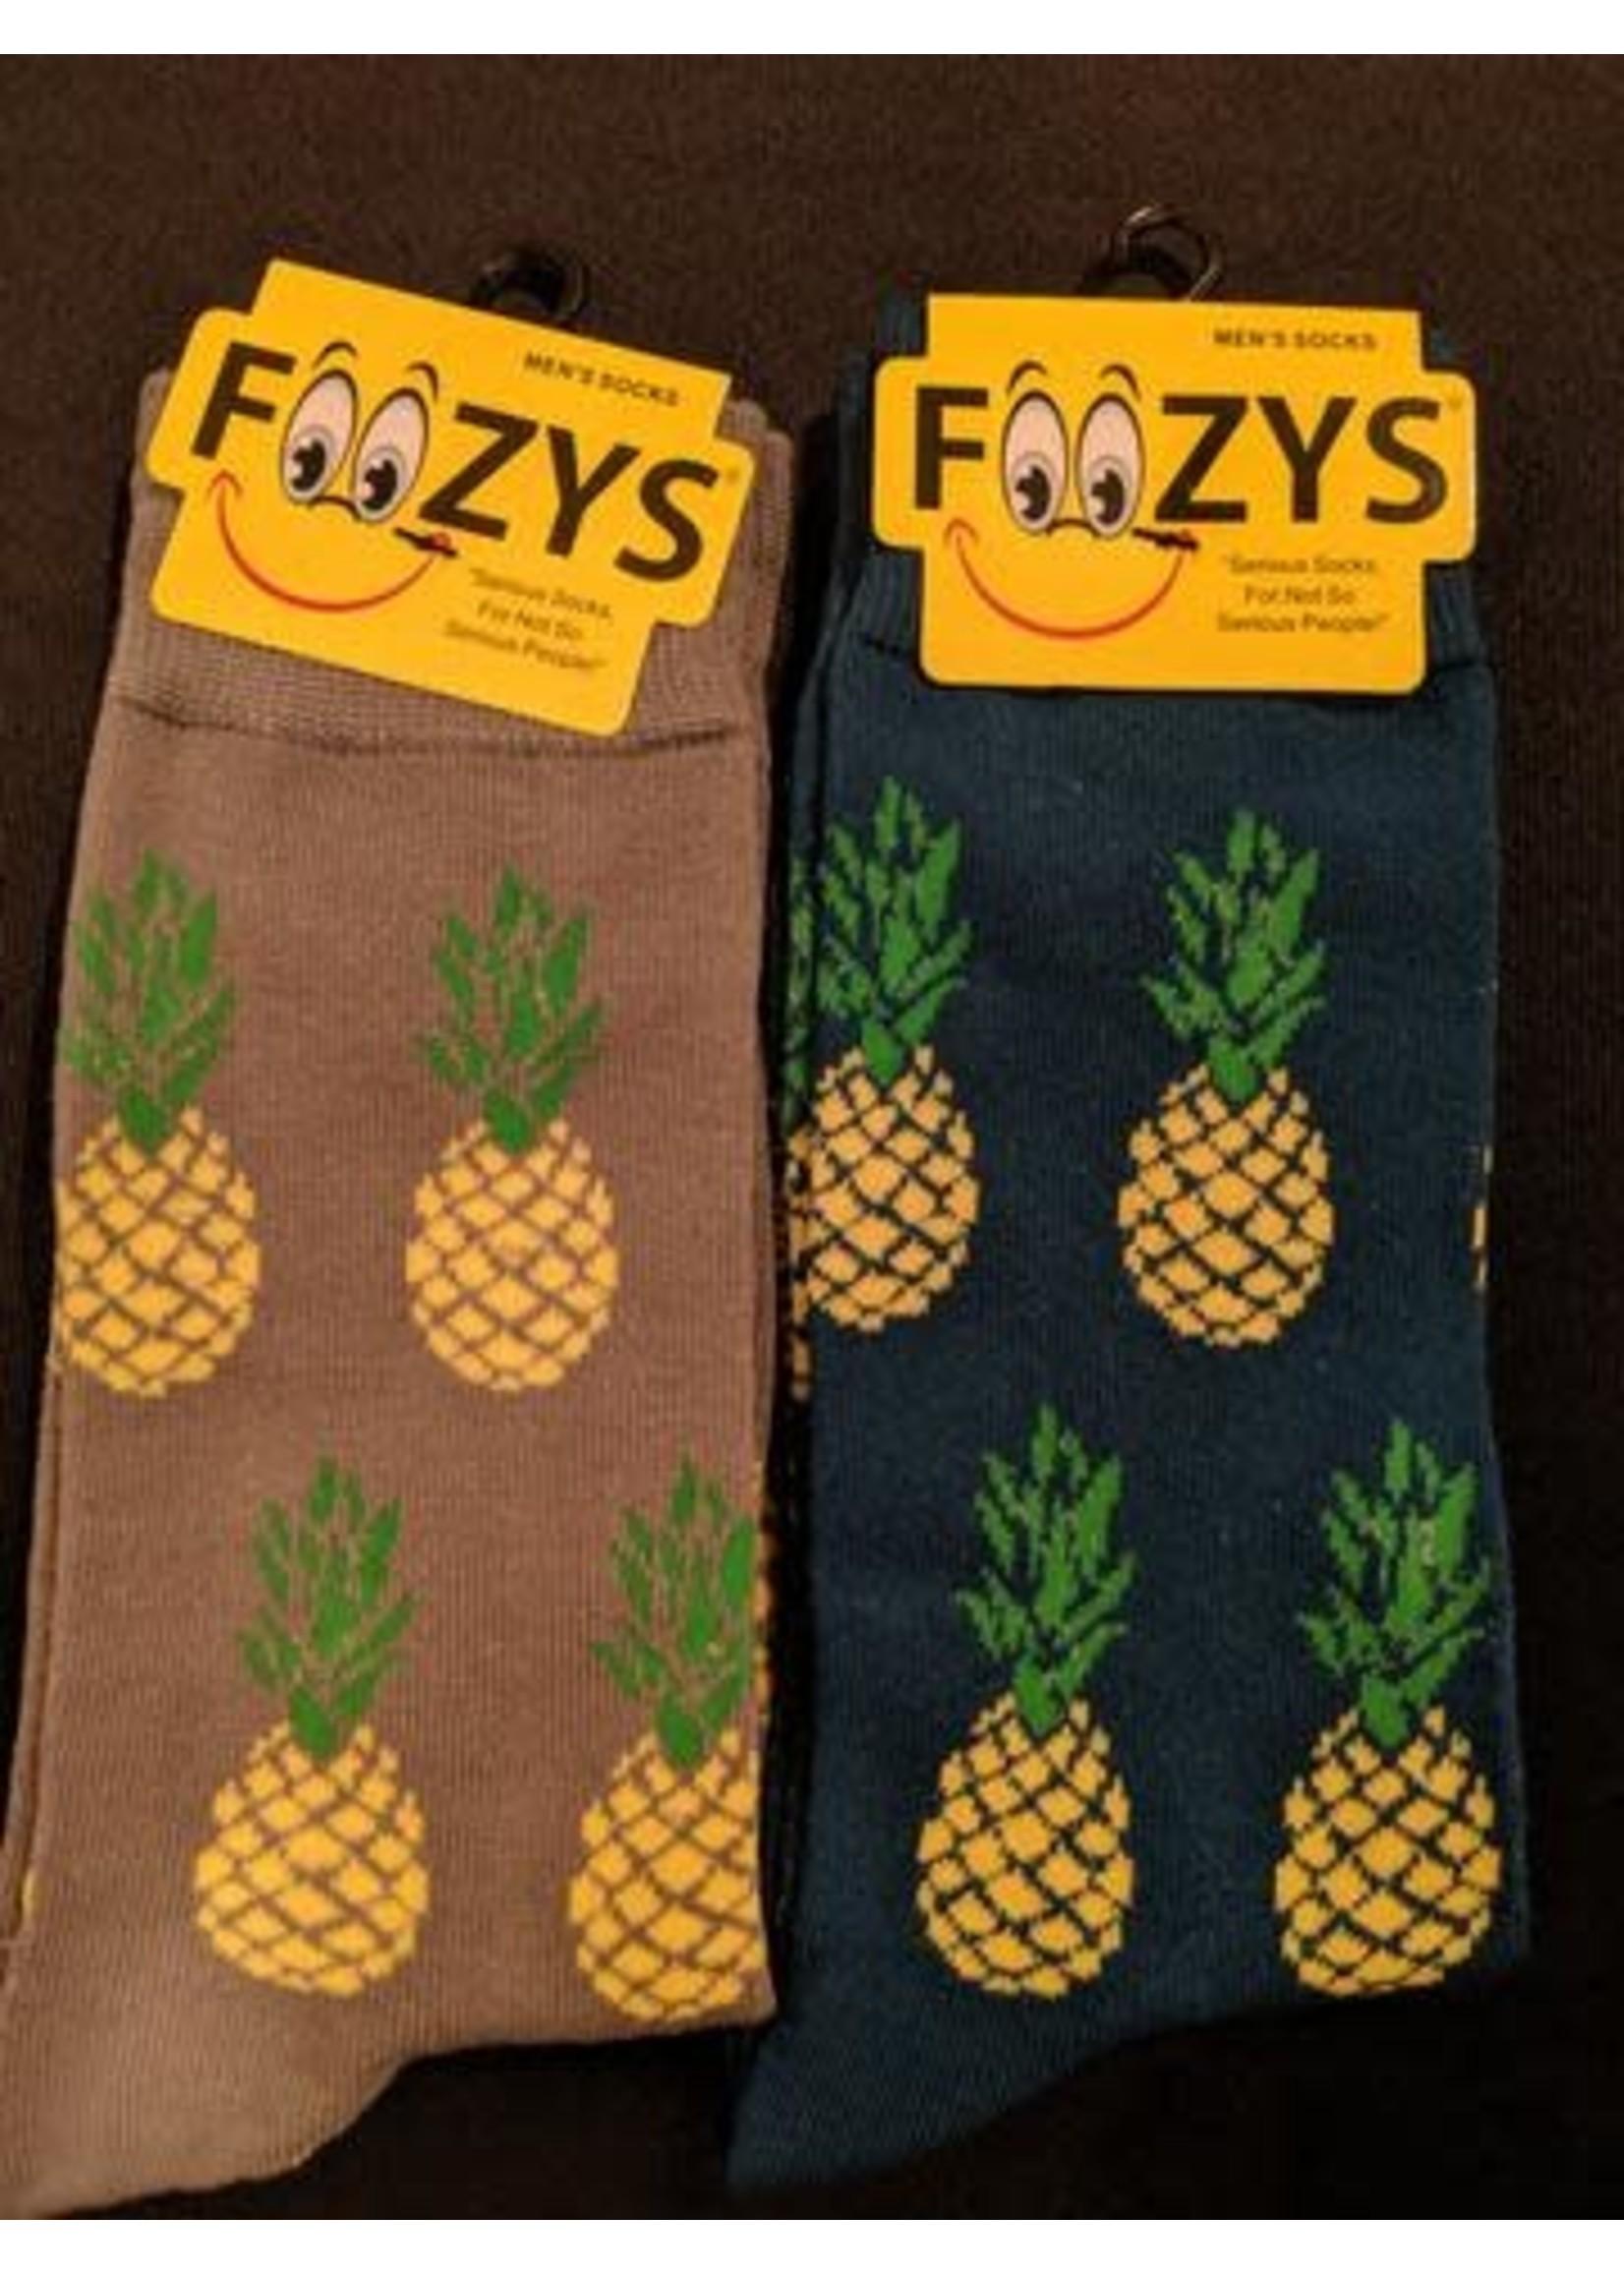 Foozys Pineapple Socks